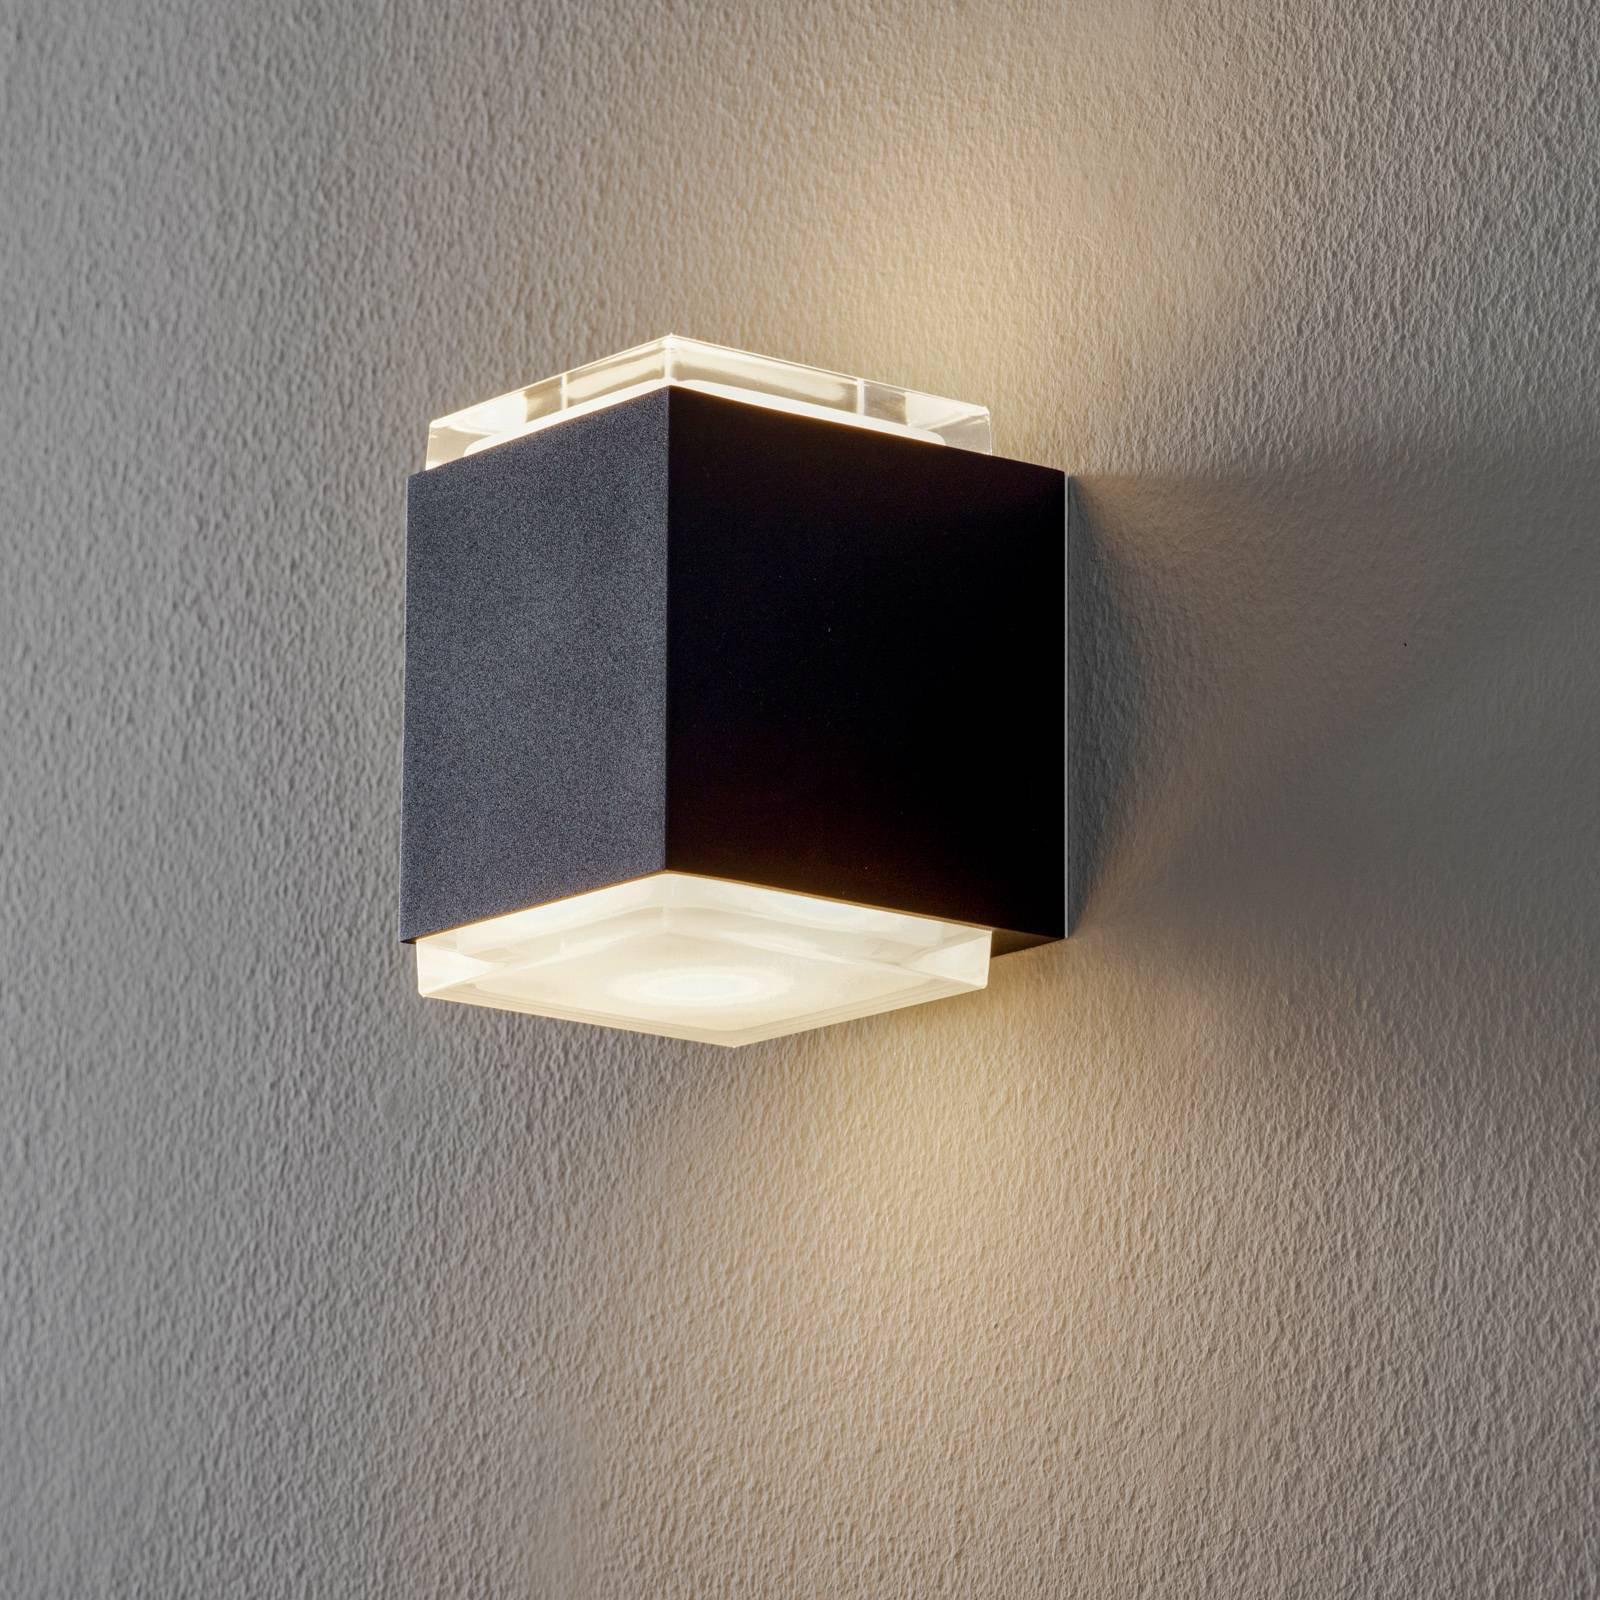 BEGA 50063 LED-vegglampe 3 000 K 9 cm fløyelssvart